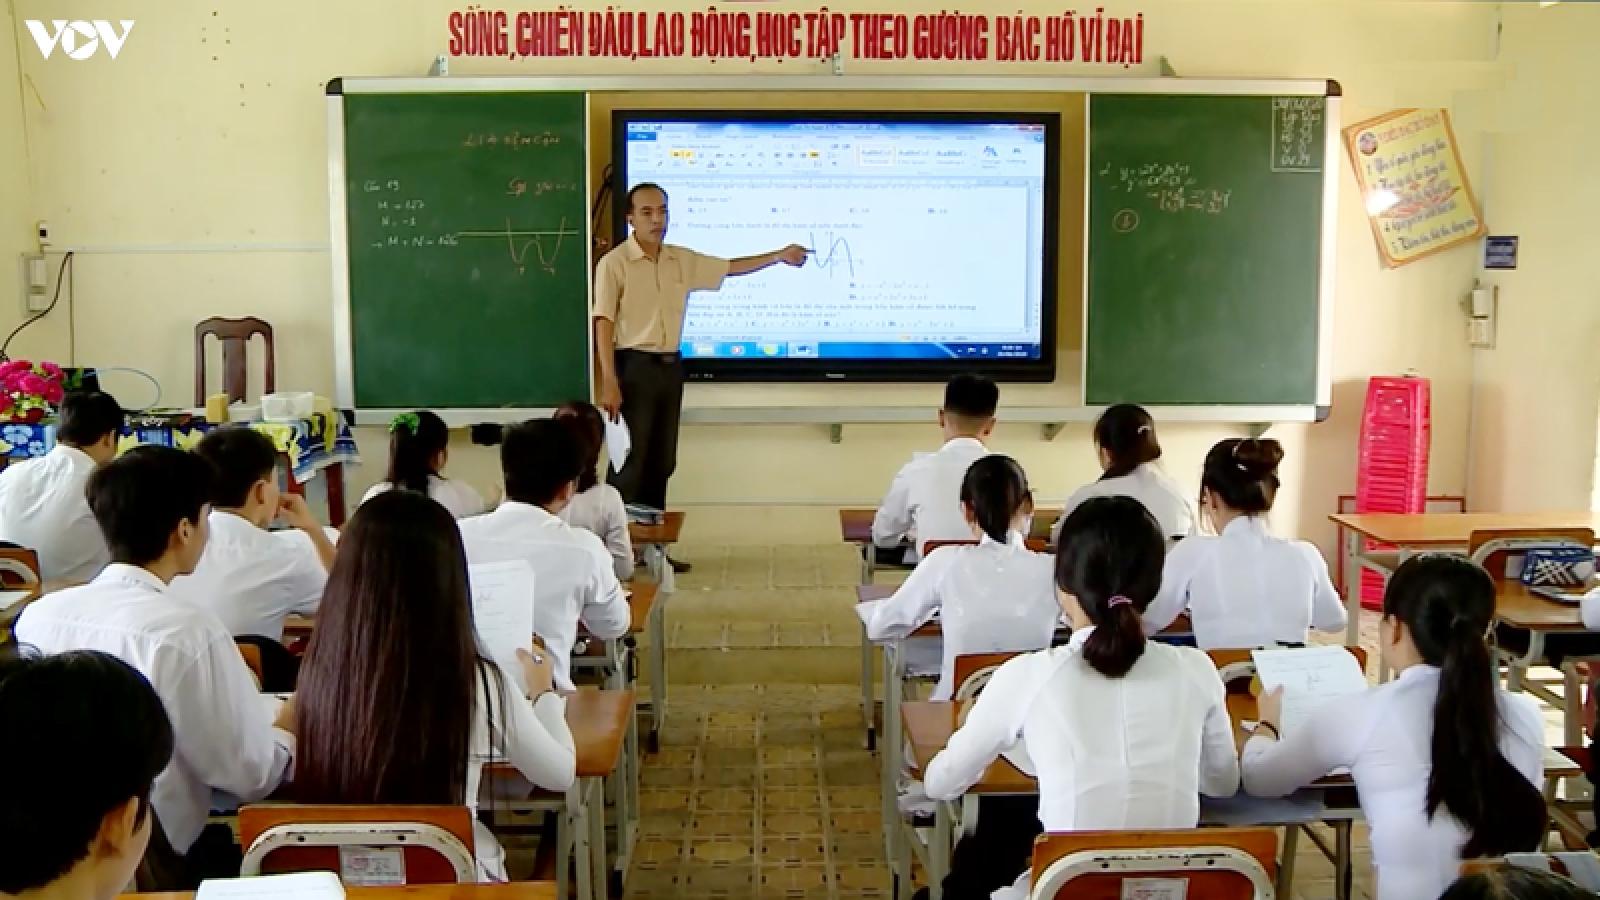 Hơn 10.000 thí sinh Vĩnh Long sẵn sàng cho kỳ thi tốt nghiệp THPT